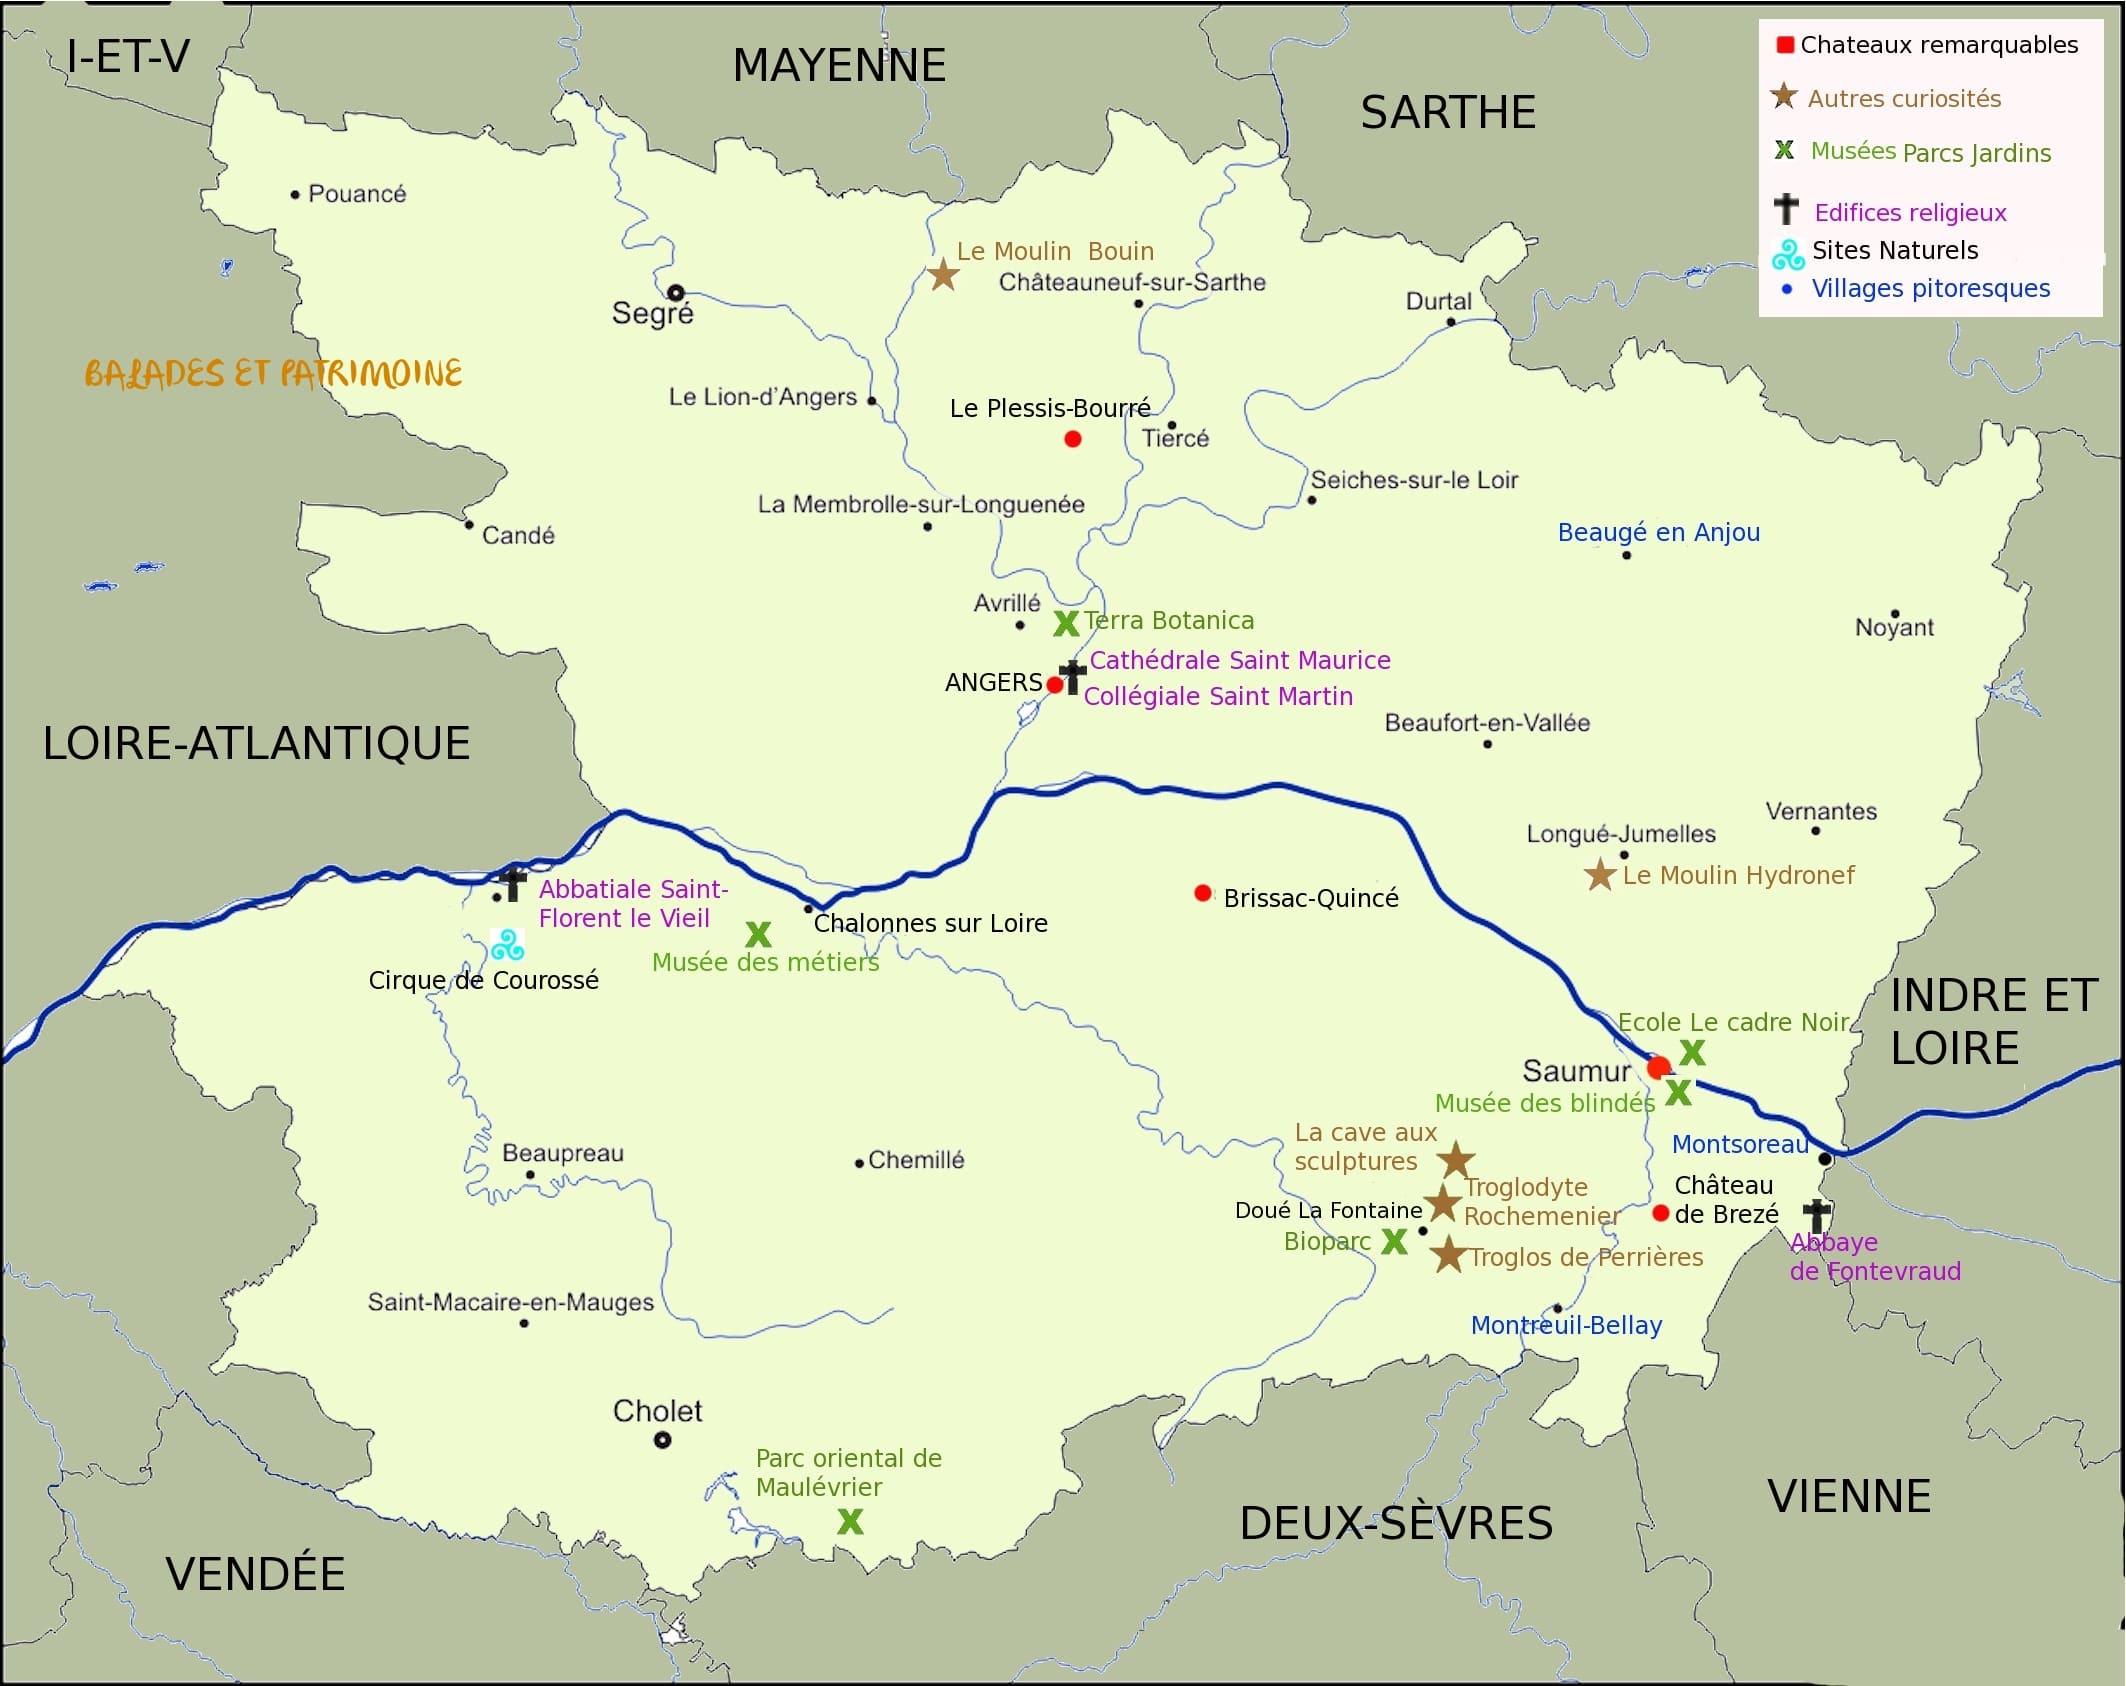 Tourisme Angers-balades et patrimoine